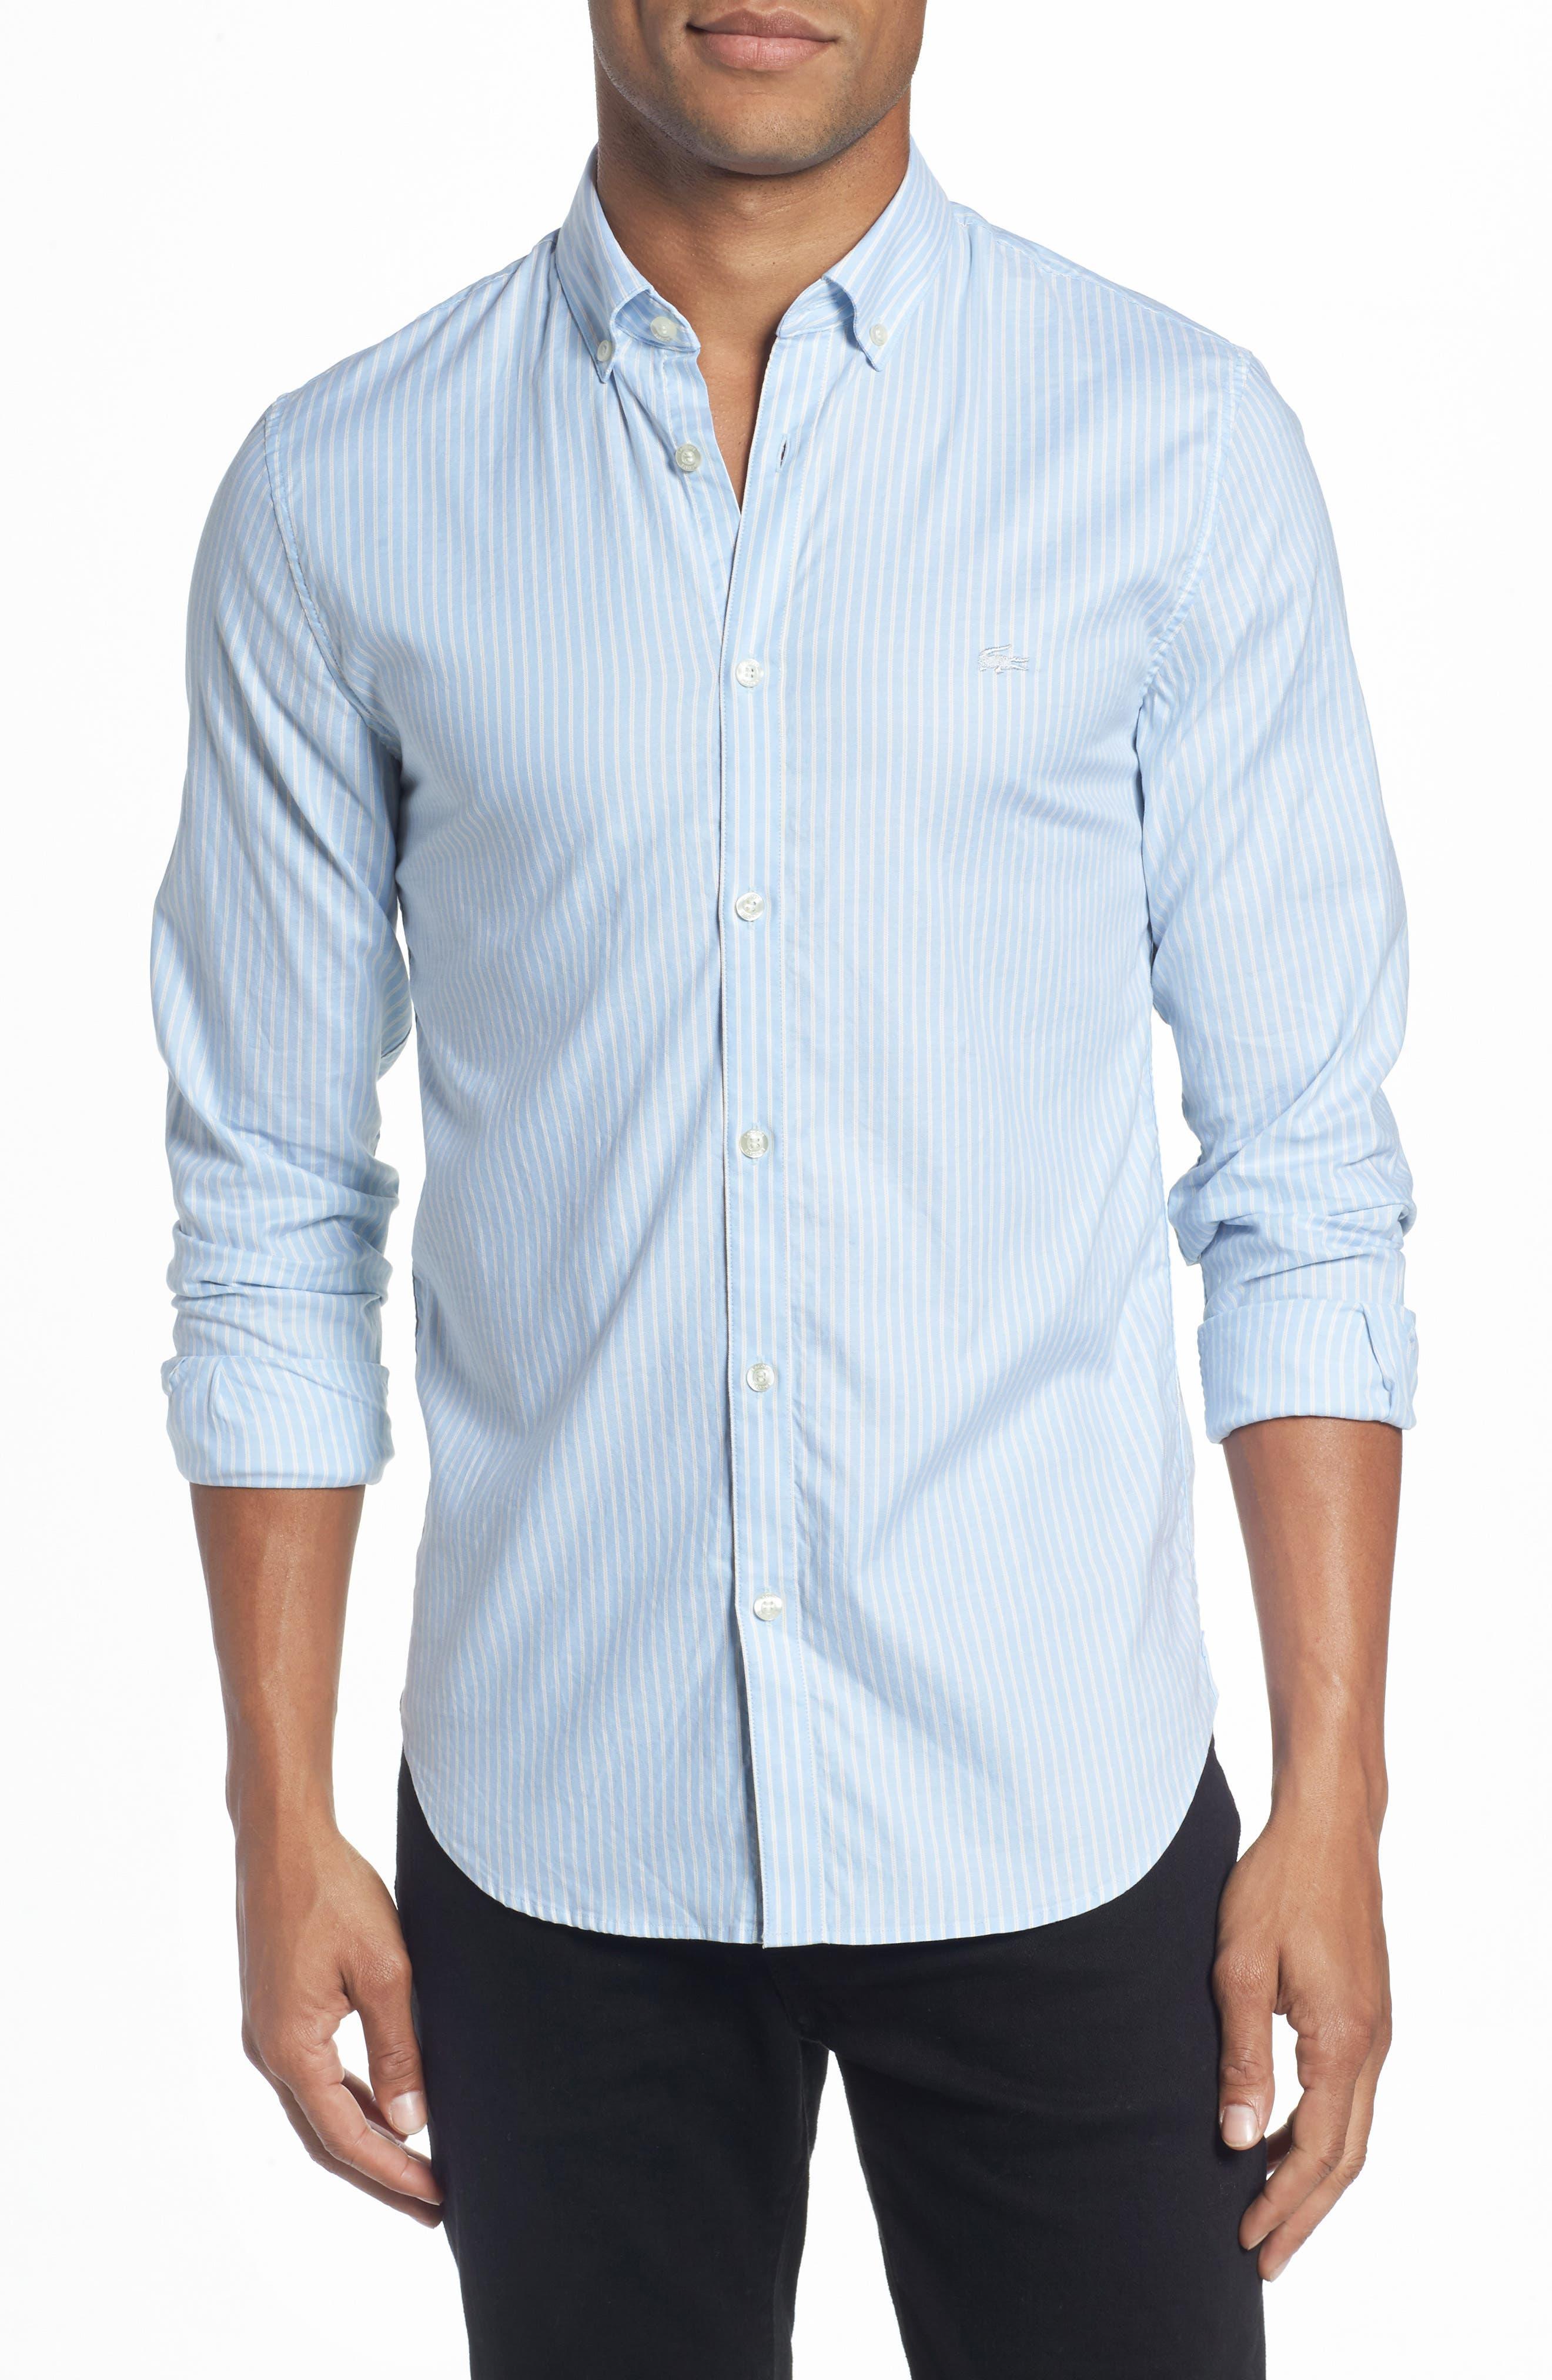 LACOSTE Slim Fit Stripe Shirt, Main, color, 436